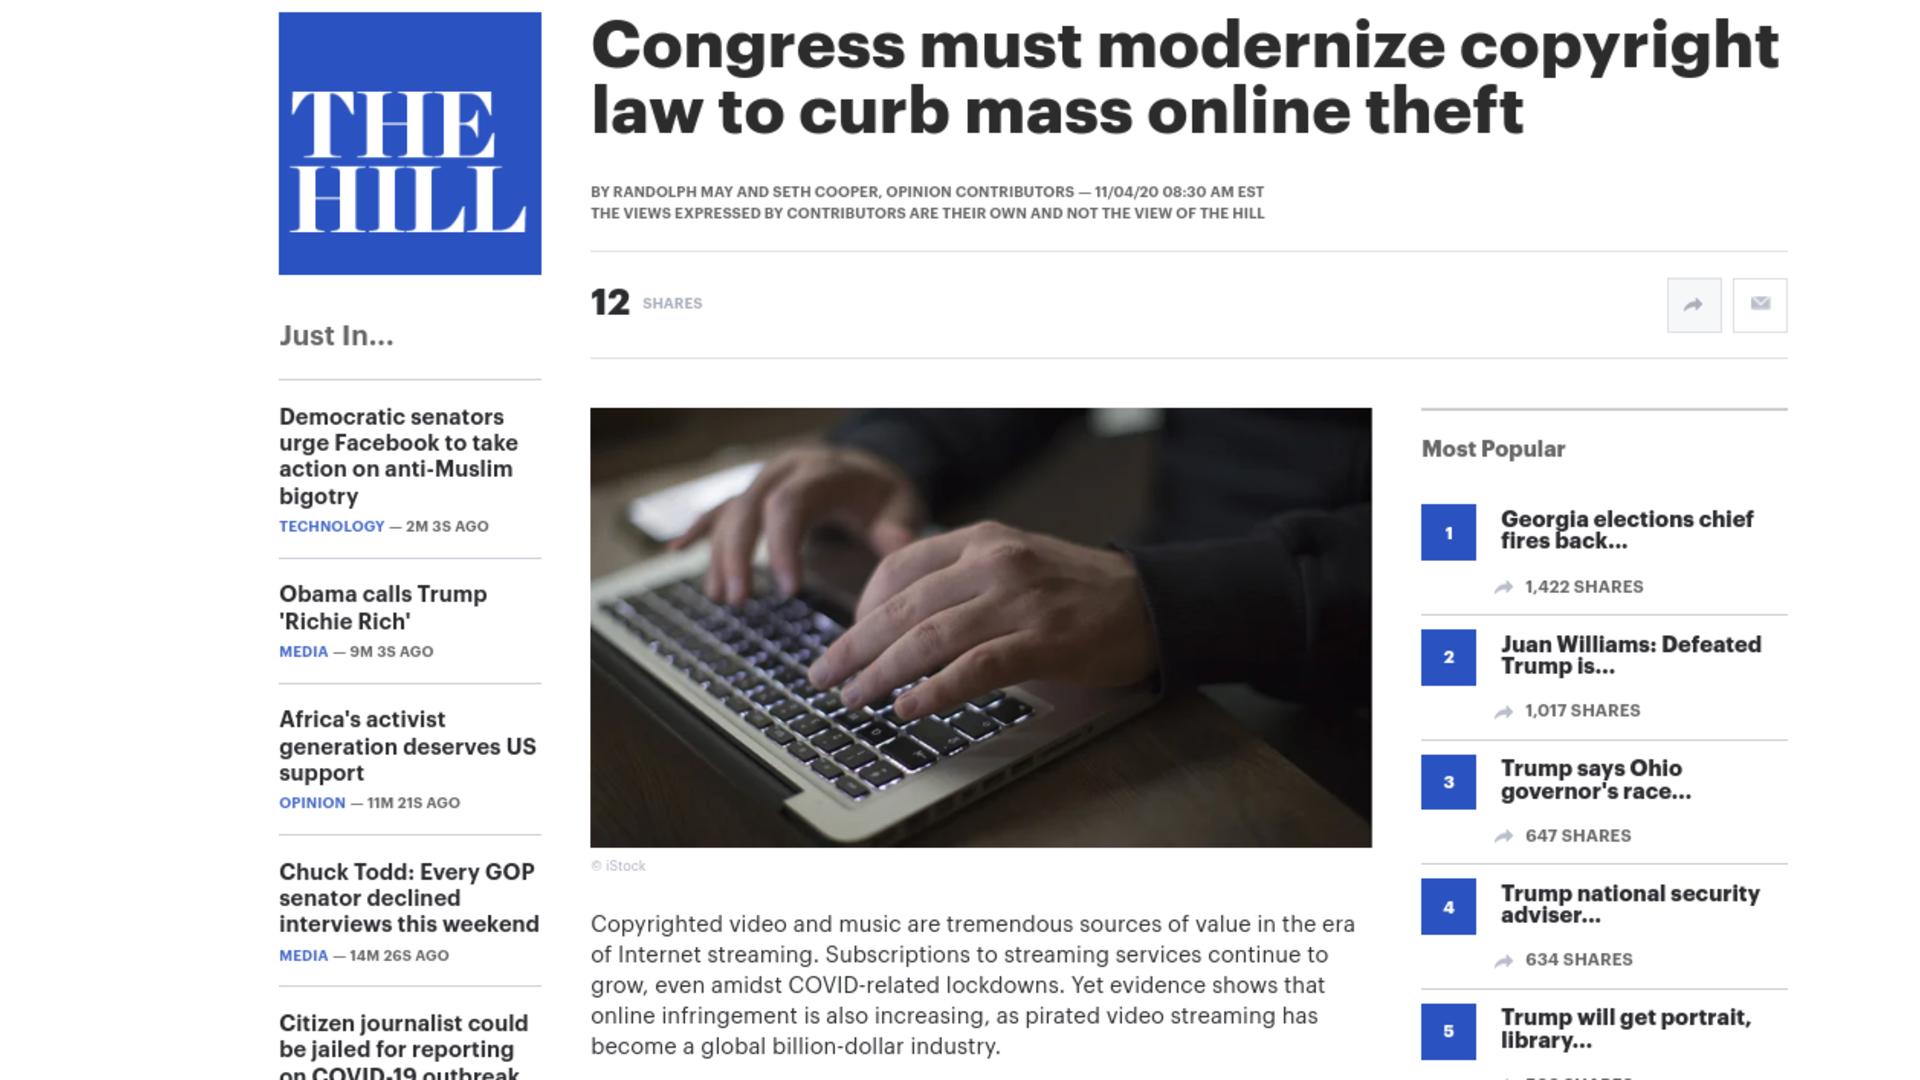 Fairness Rocks News Congress must modernize copyright law to curb mass online theft